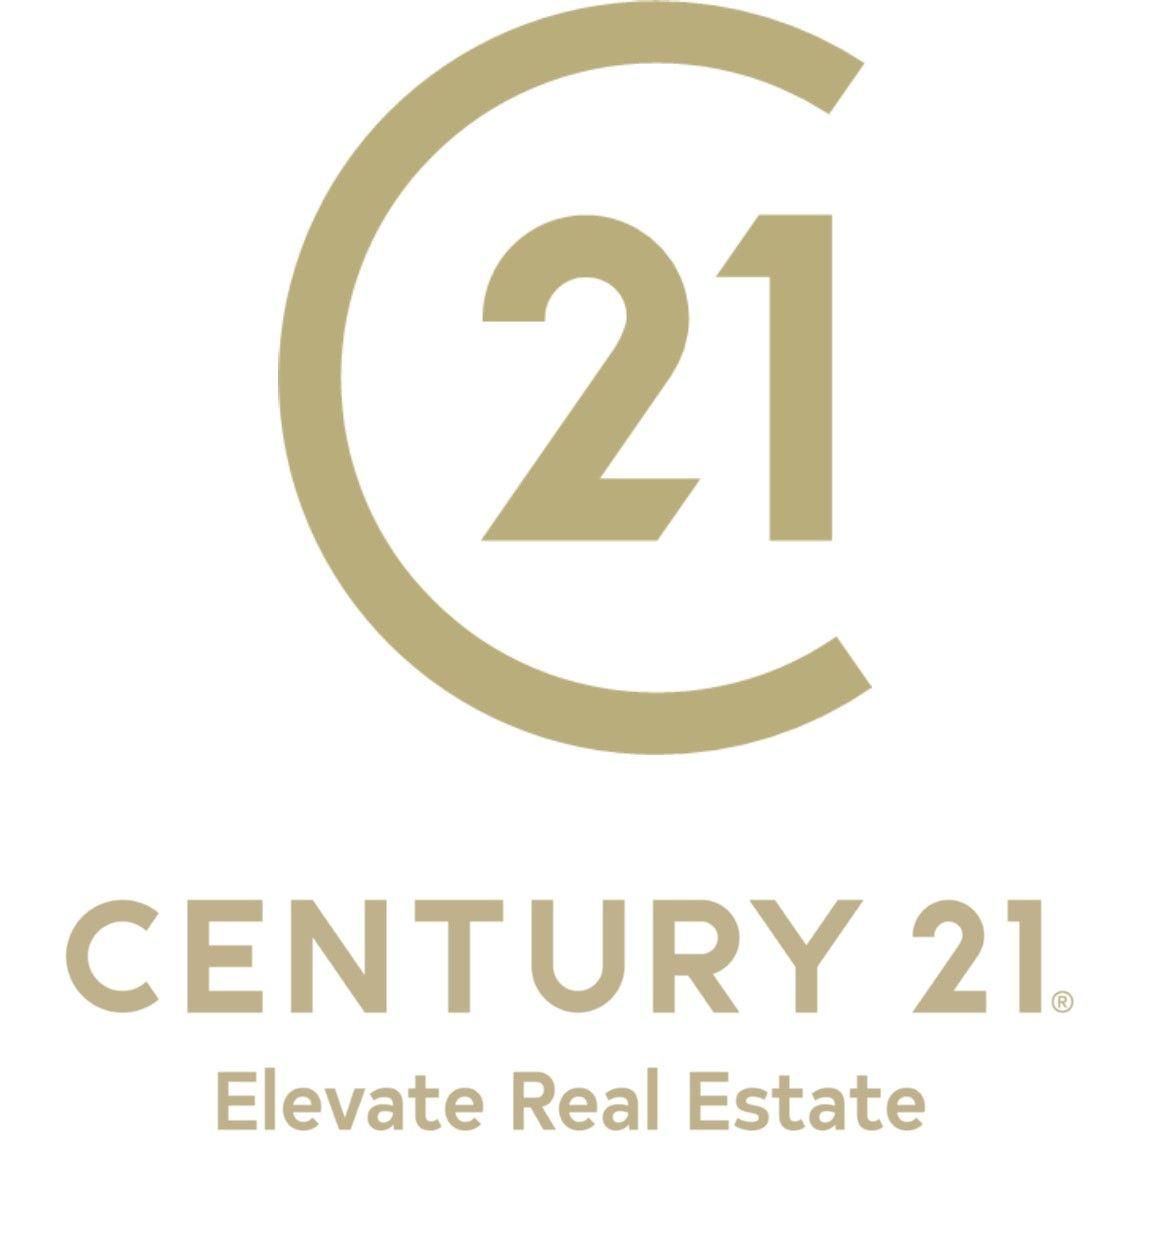 CENTURY 21 Elevate